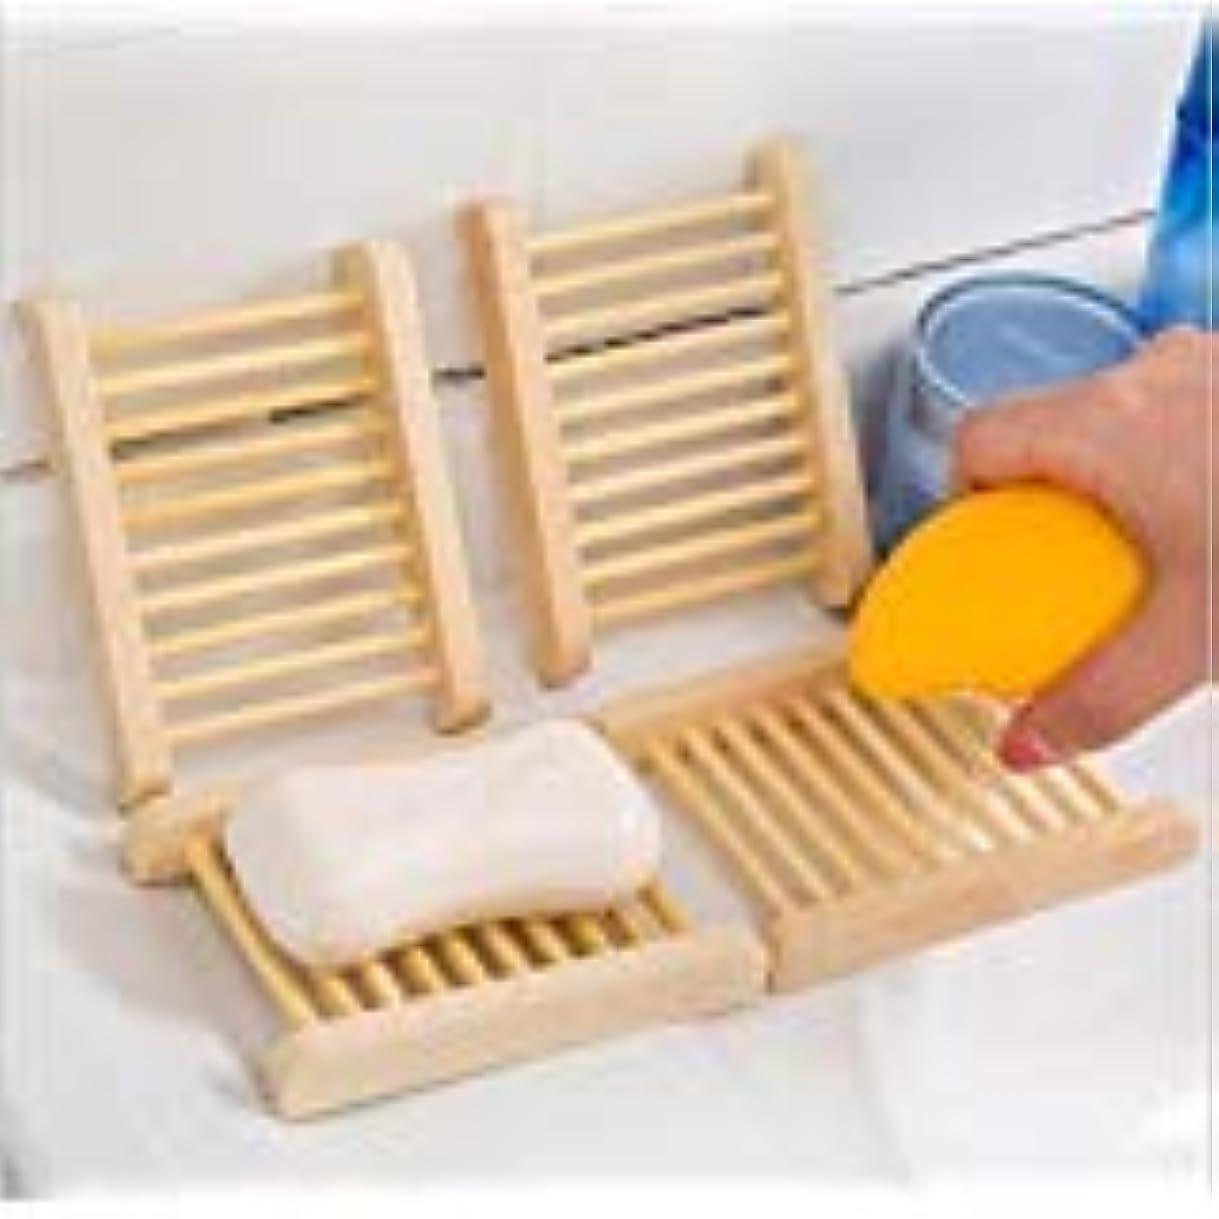 構成リーク実業家KINGZUO ソープトレー せっけんトレー 石鹸置き石鹸置き 石鹸ボックス ソープディッシュ 水切り お風呂 バス用品 木製 4個入り